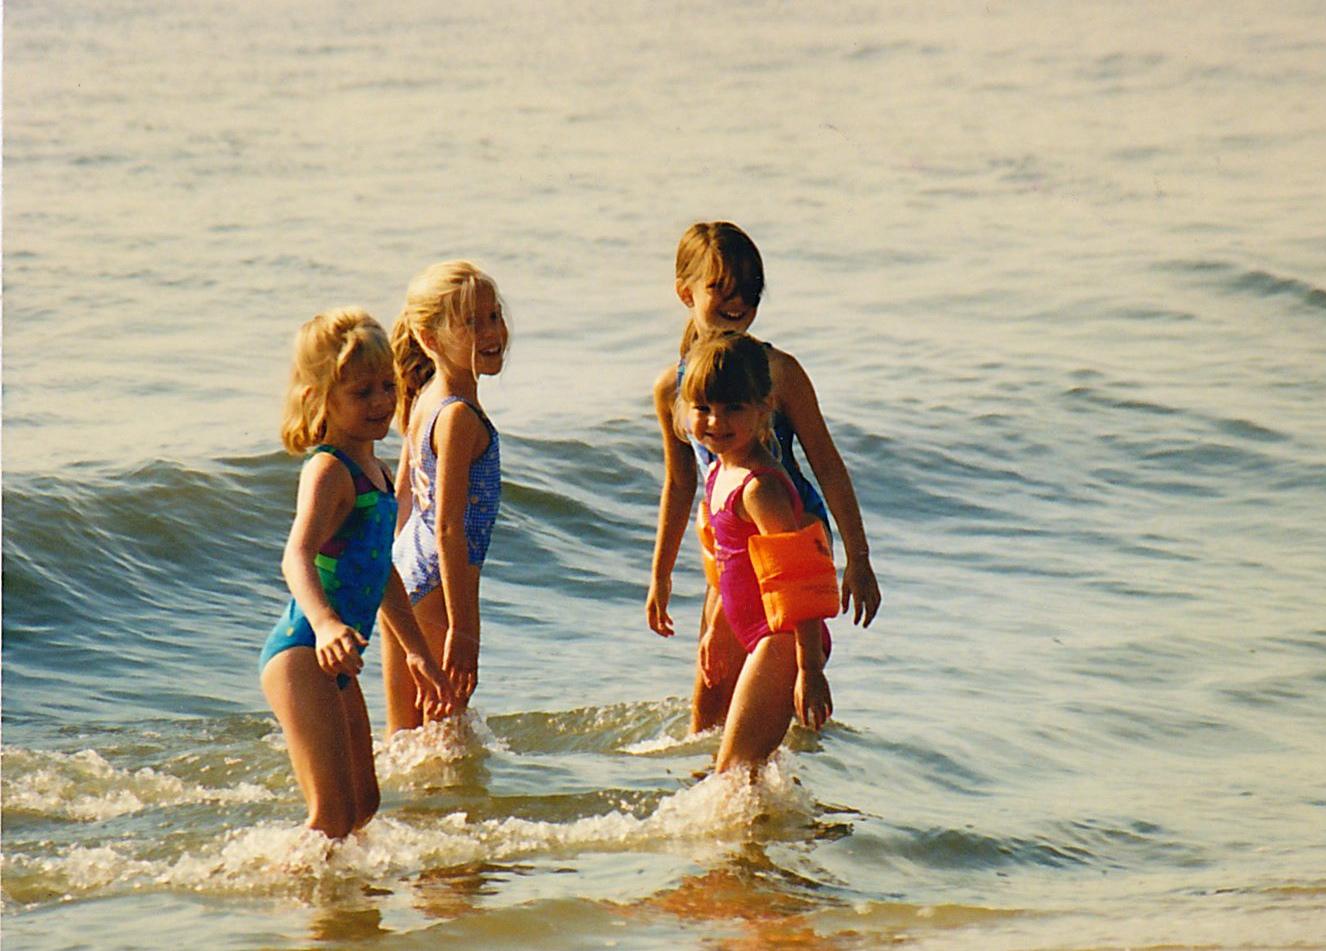 Personnal pics...Candid kids girl (at the beach) 22, at the beach (4262) @iMGSRC.RU